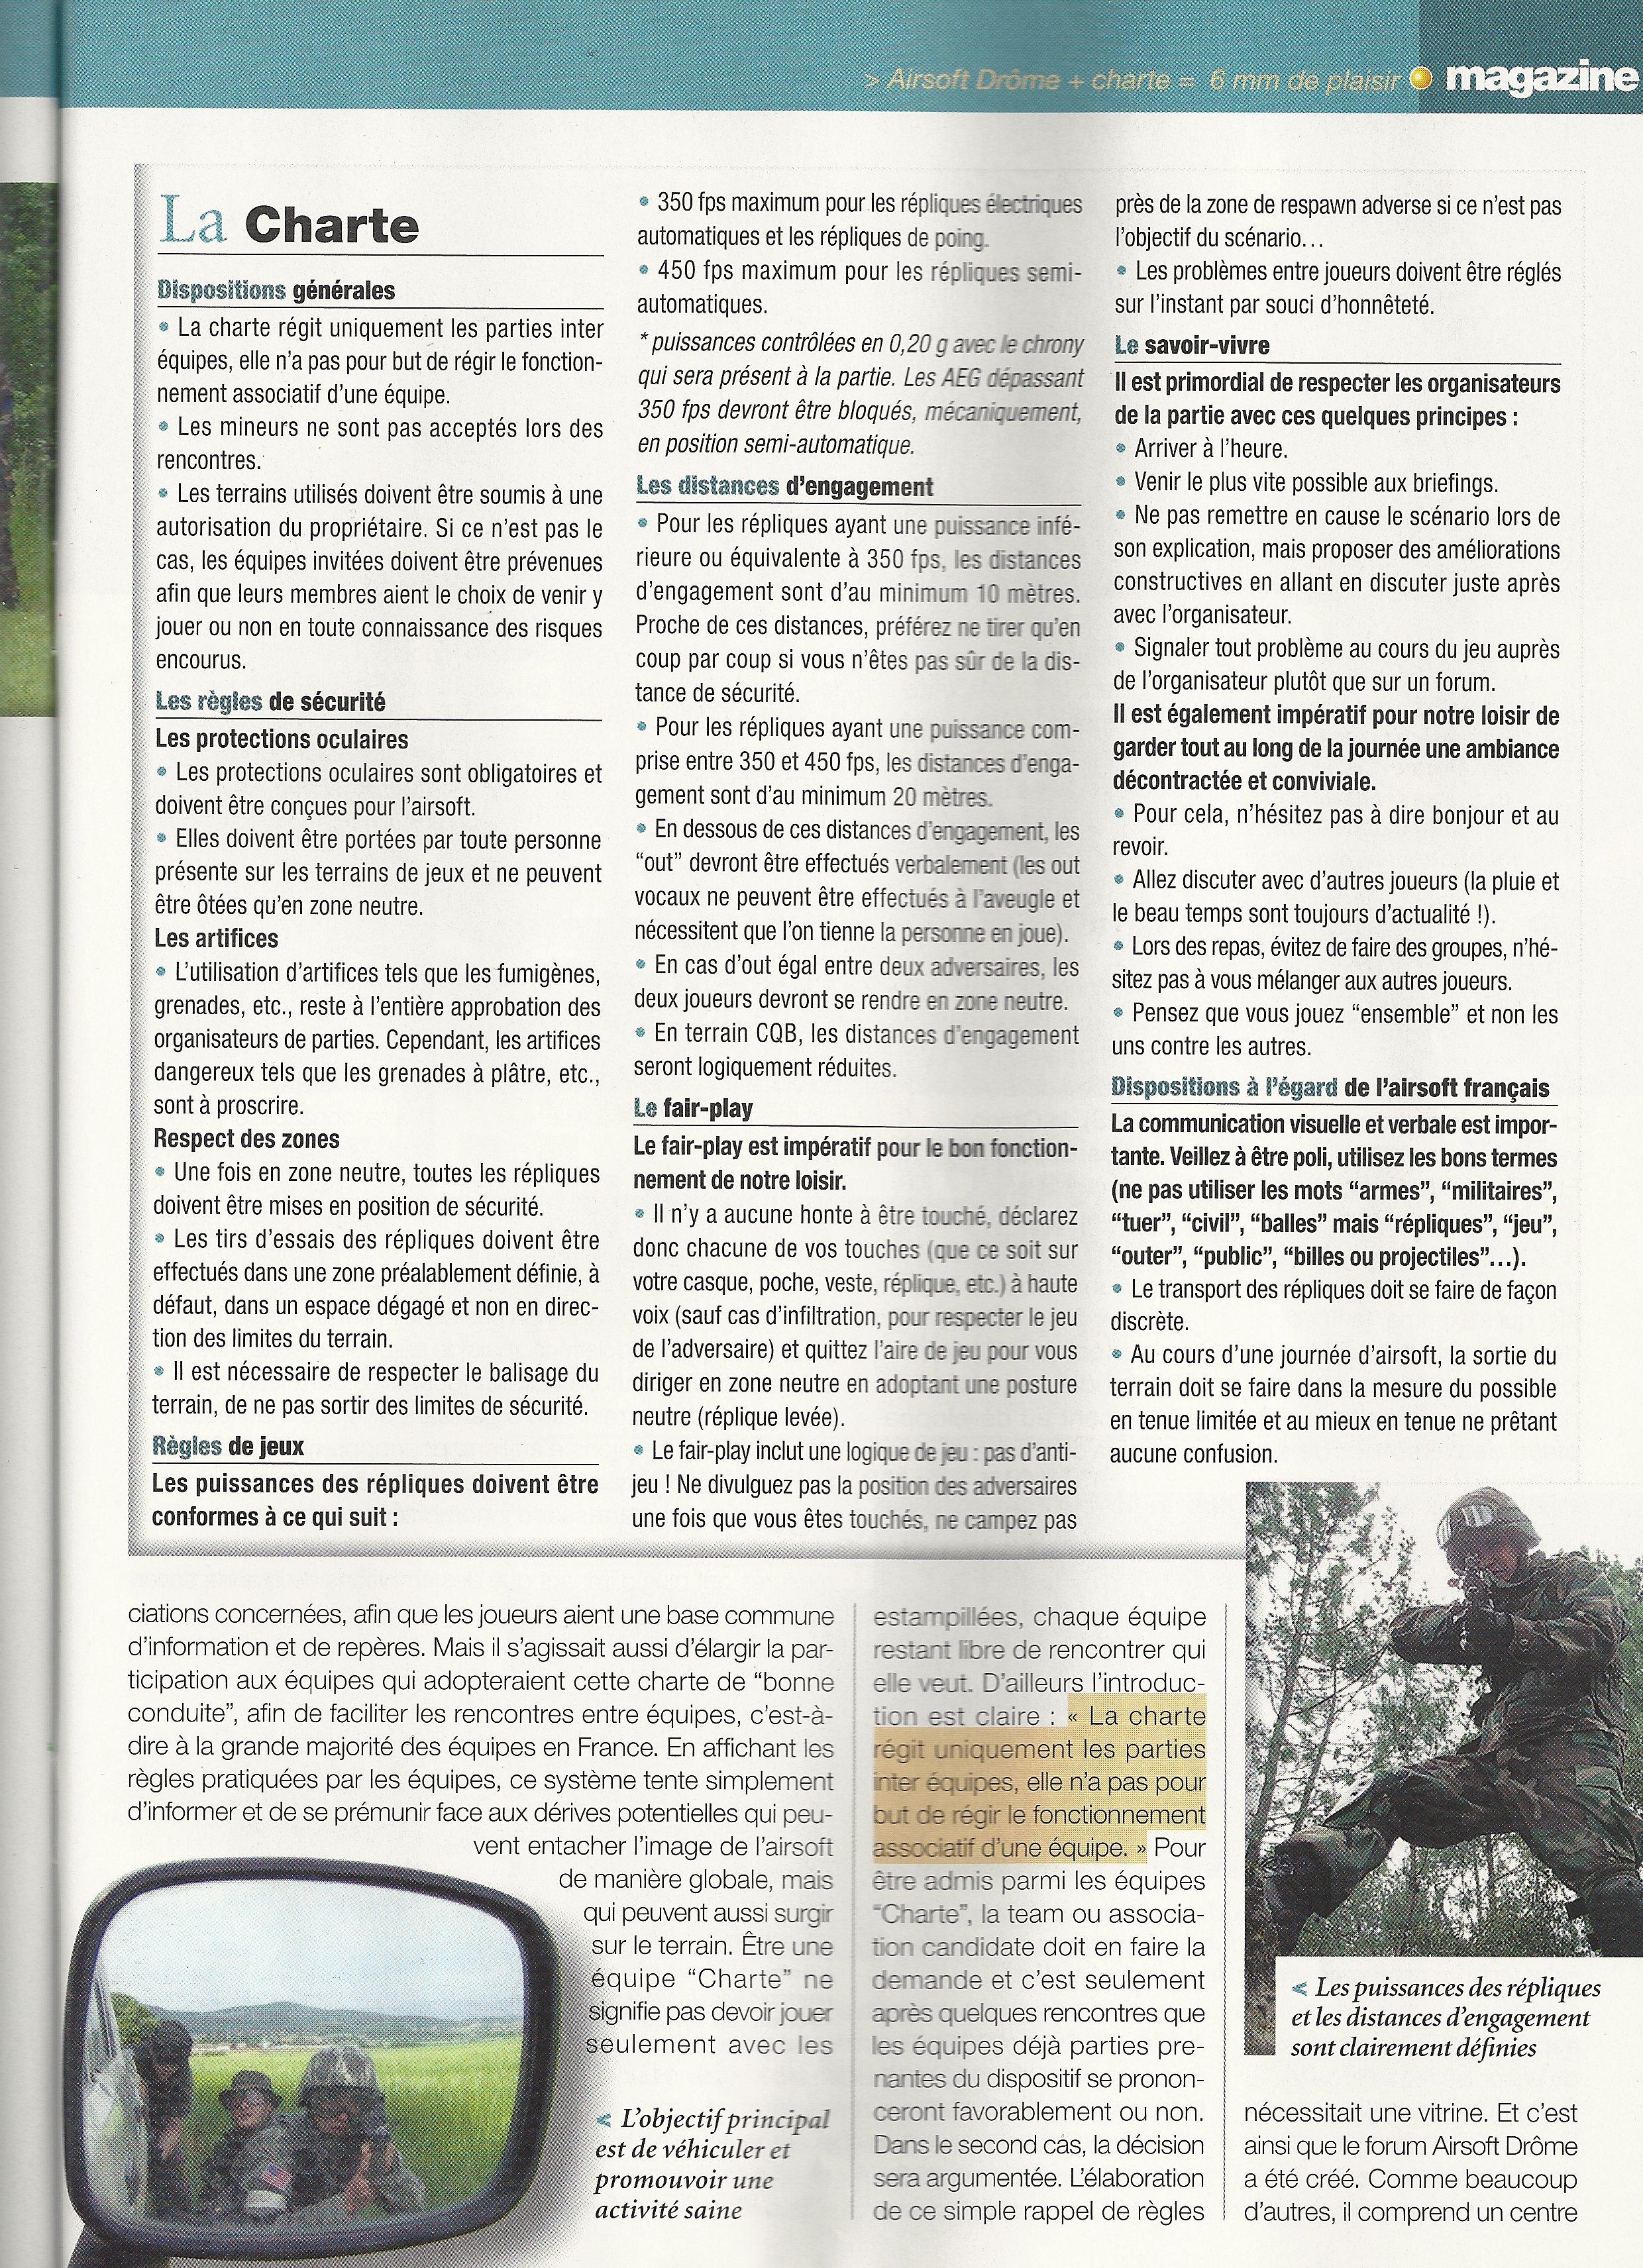 article sur airsoft drome paru dans la revue bille de 6 SCAN0006